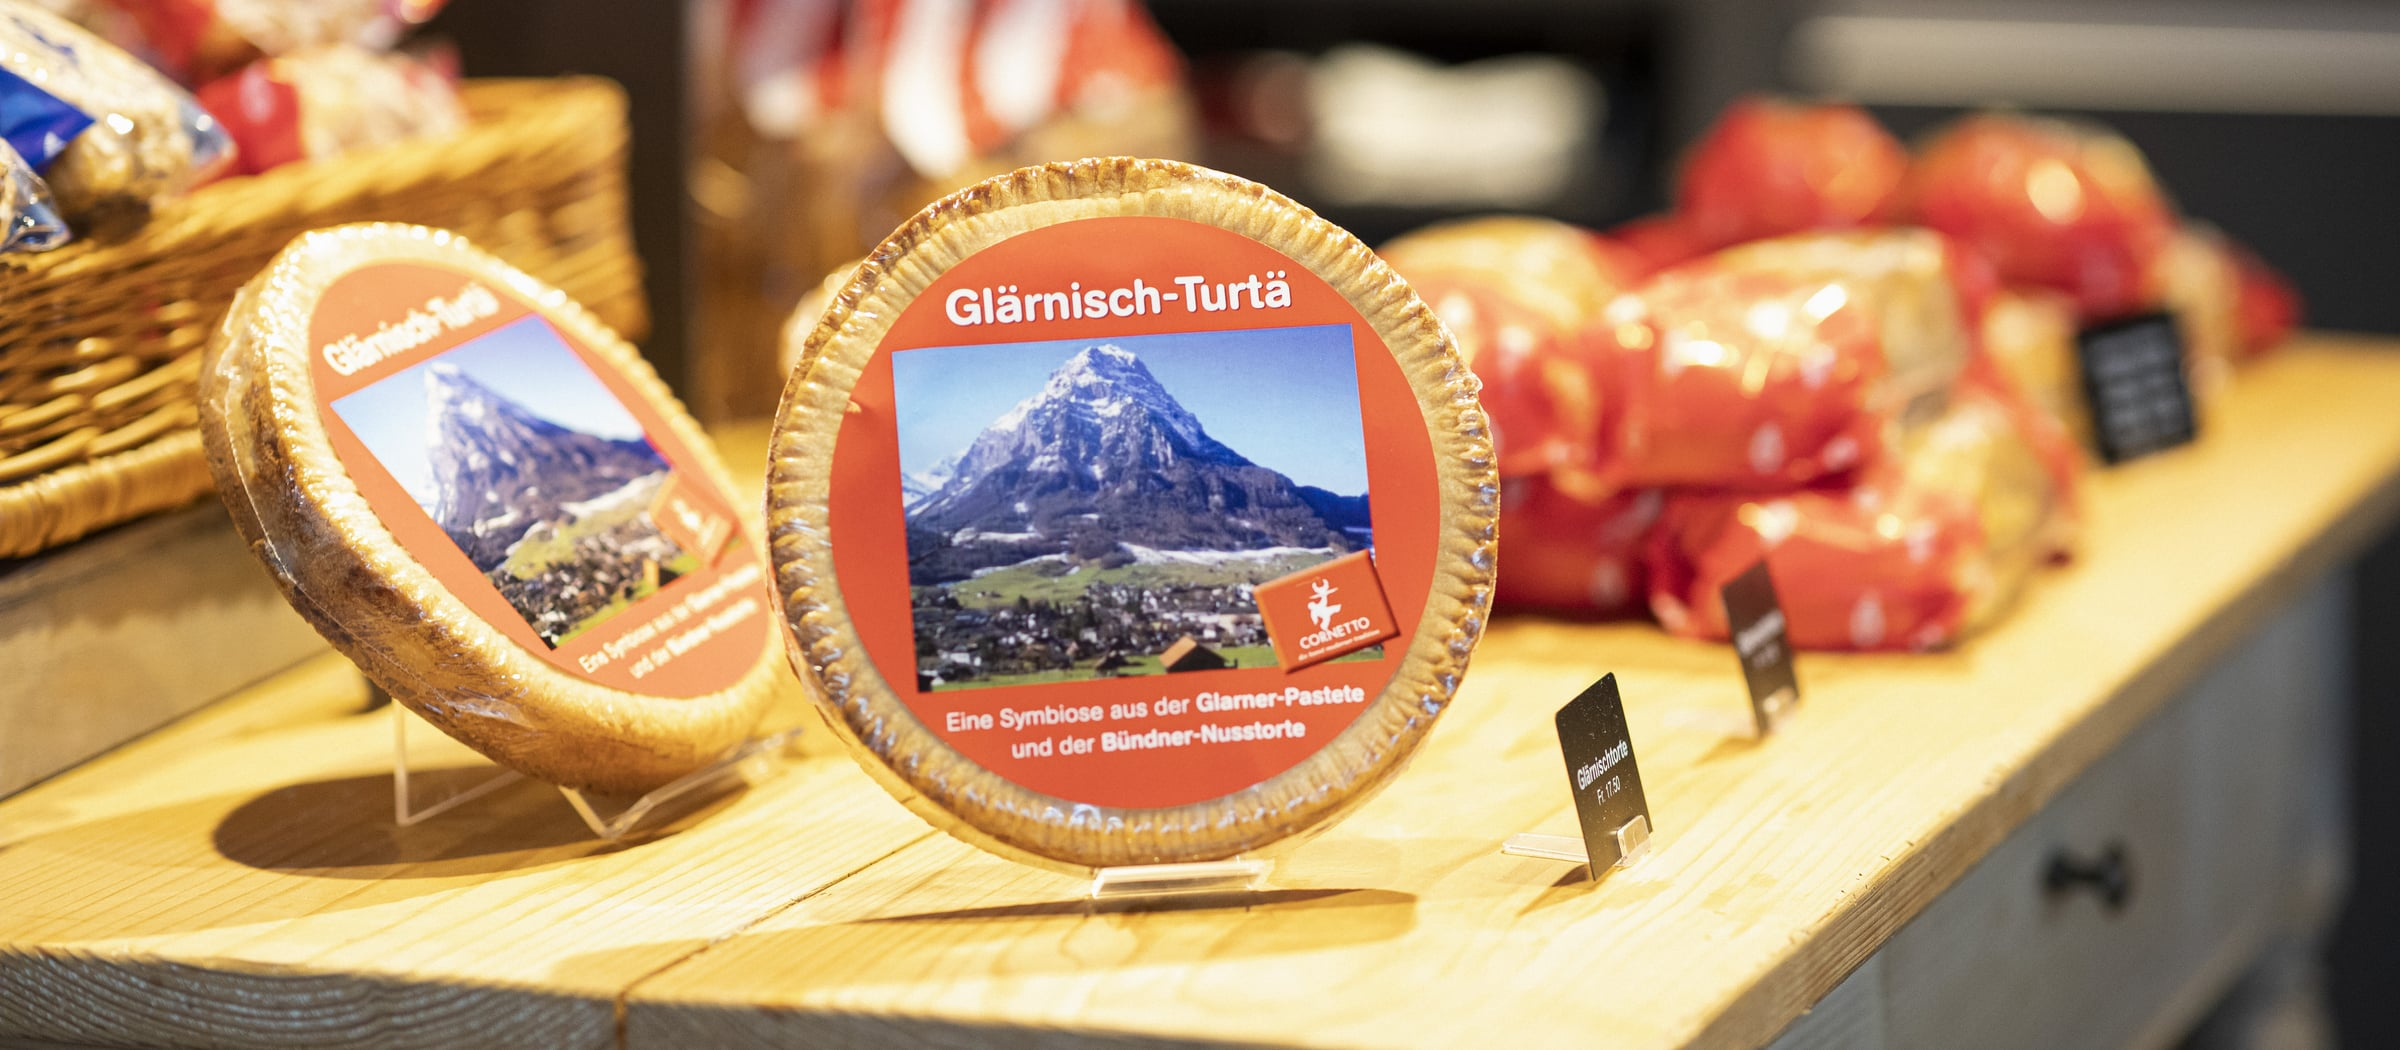 Pistor Blog Wahre Königin Glarus Glärnisch Turtä